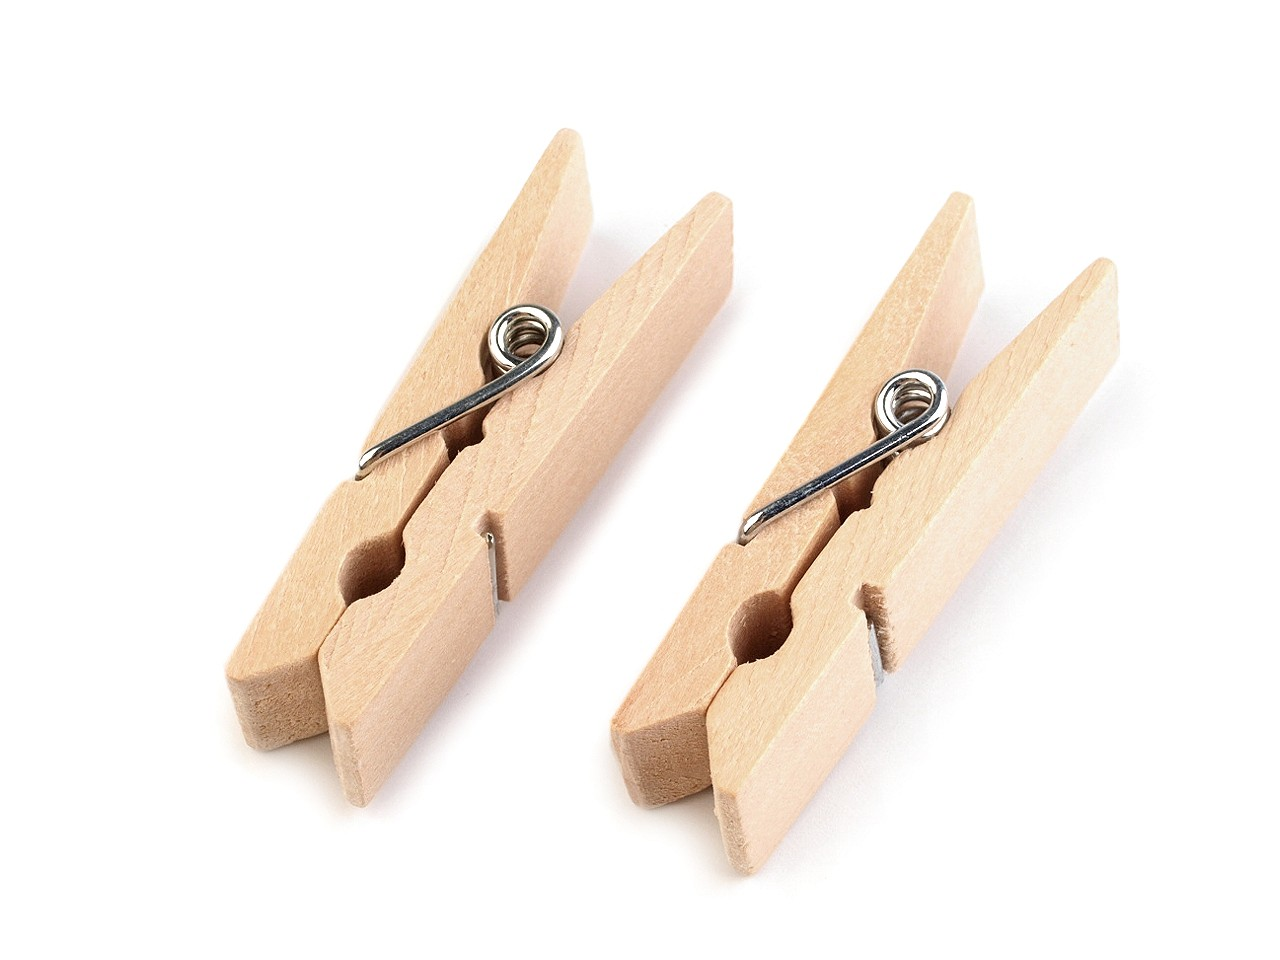 Dřevěný kolíček jednobarevný 11x45 mm 10 ks